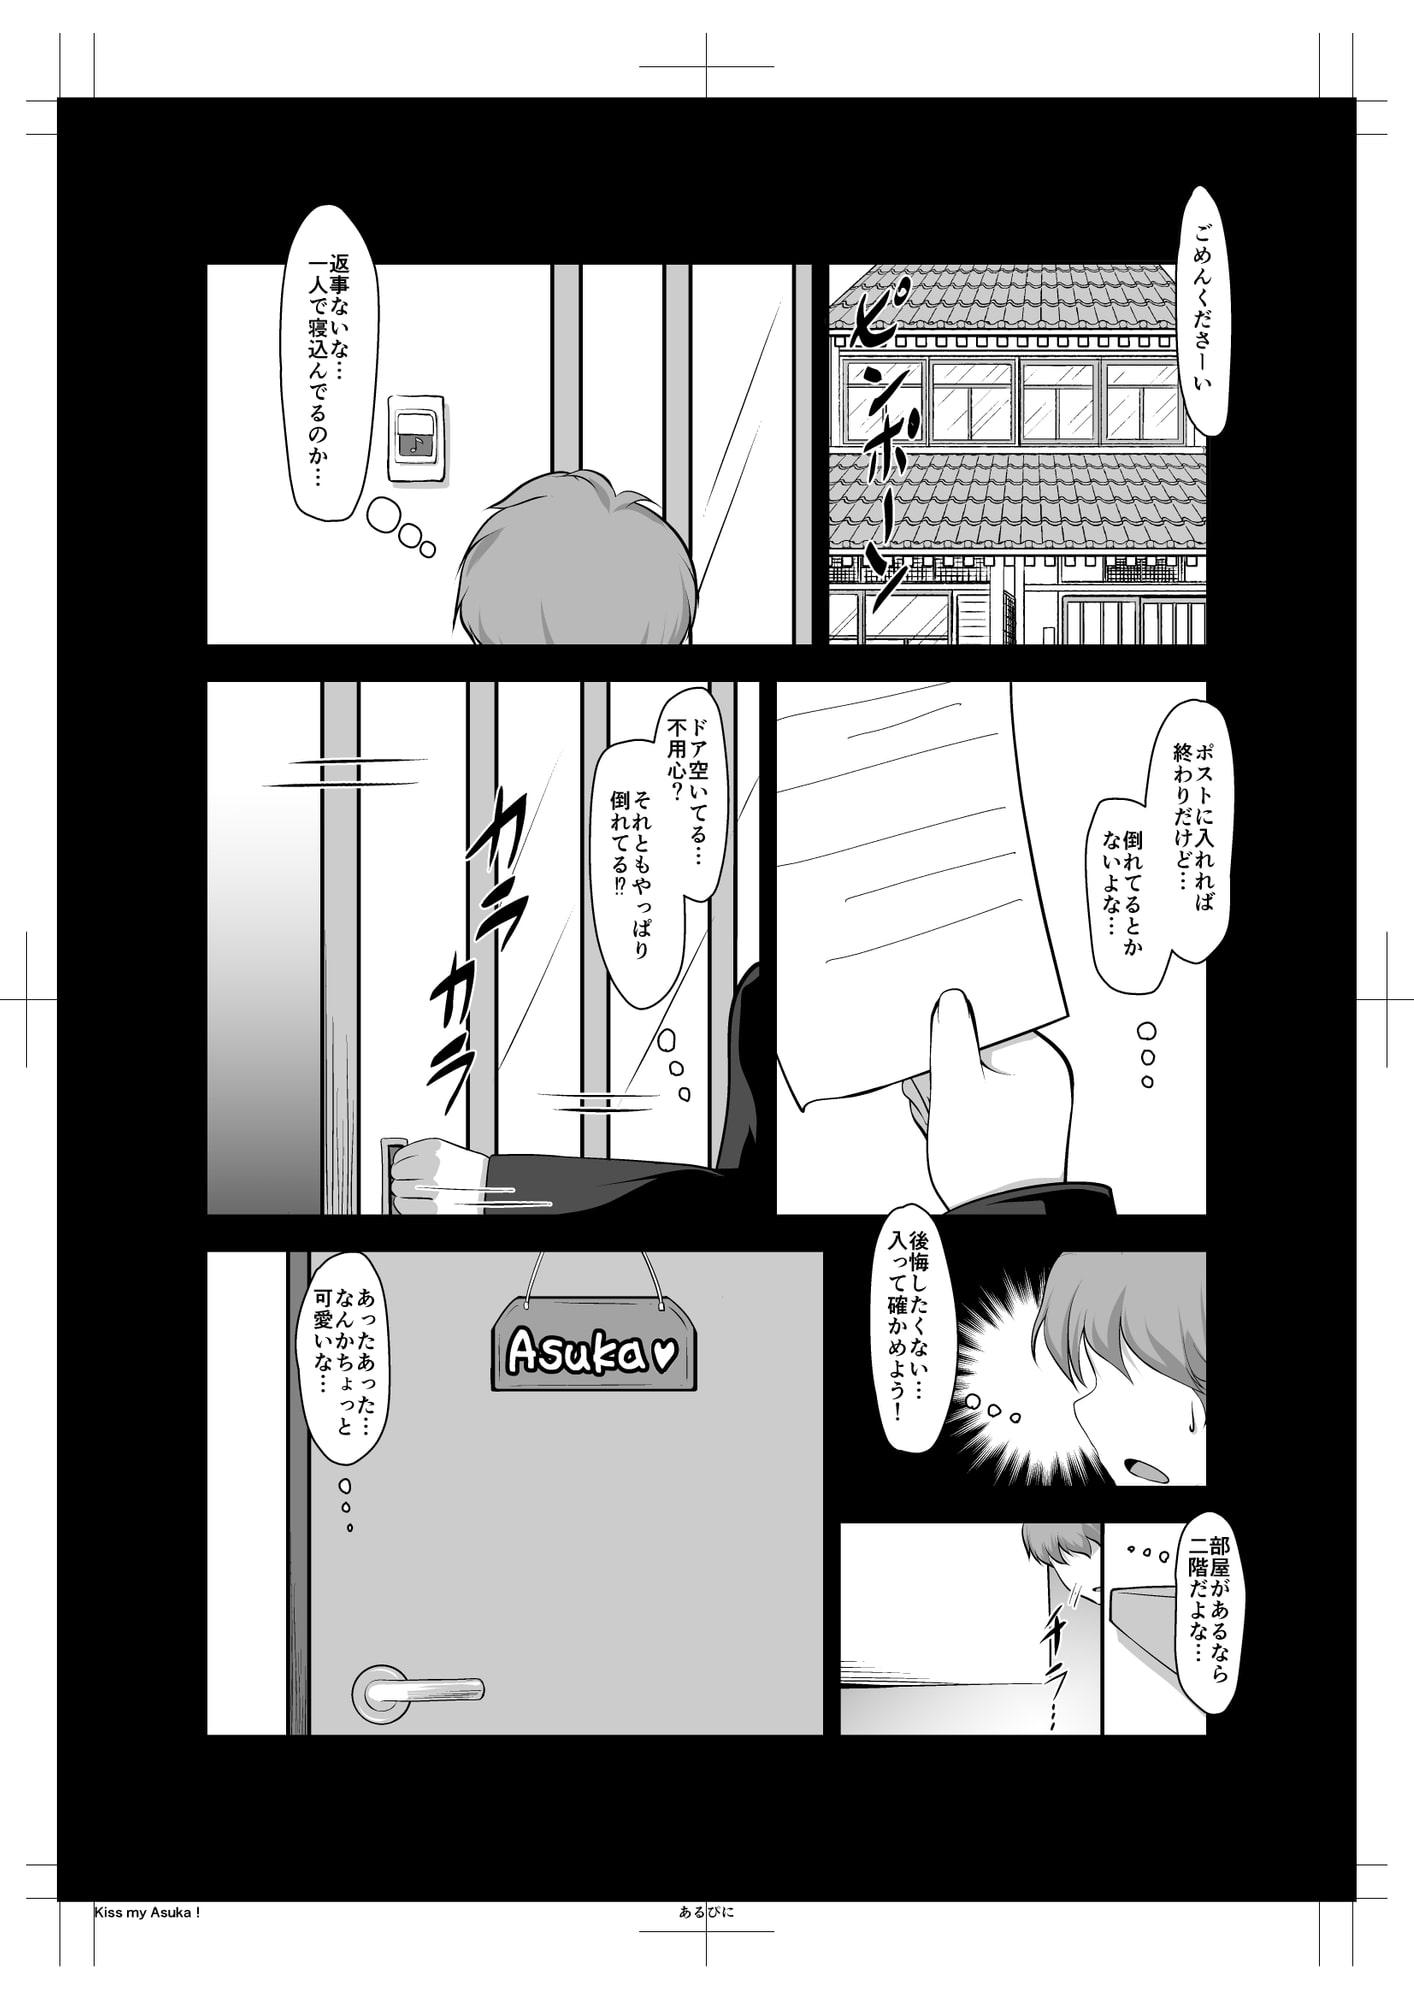 Kiss my Asuka♂